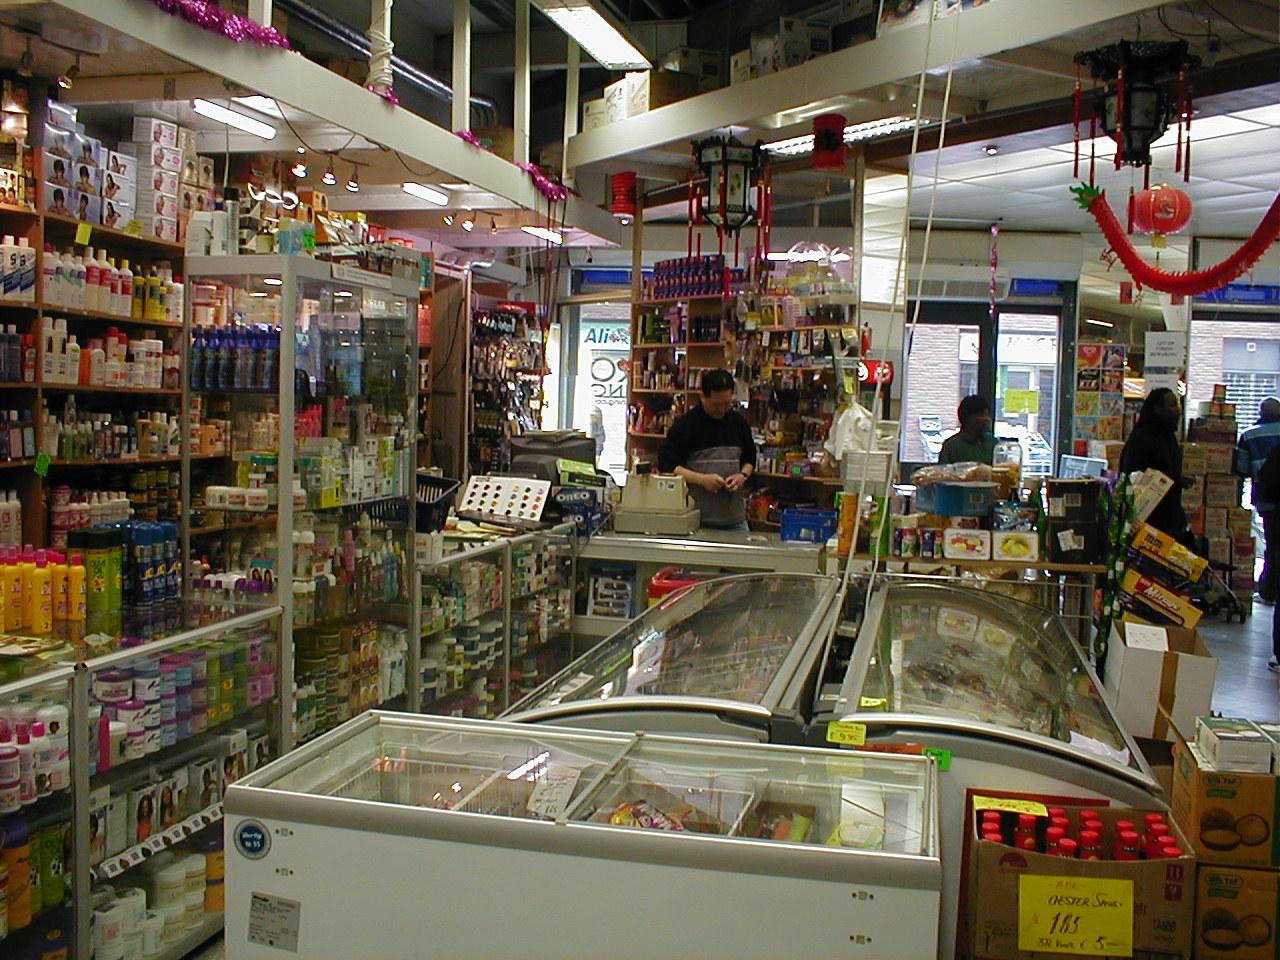 architecture interiors shop interior dario humanoids toko